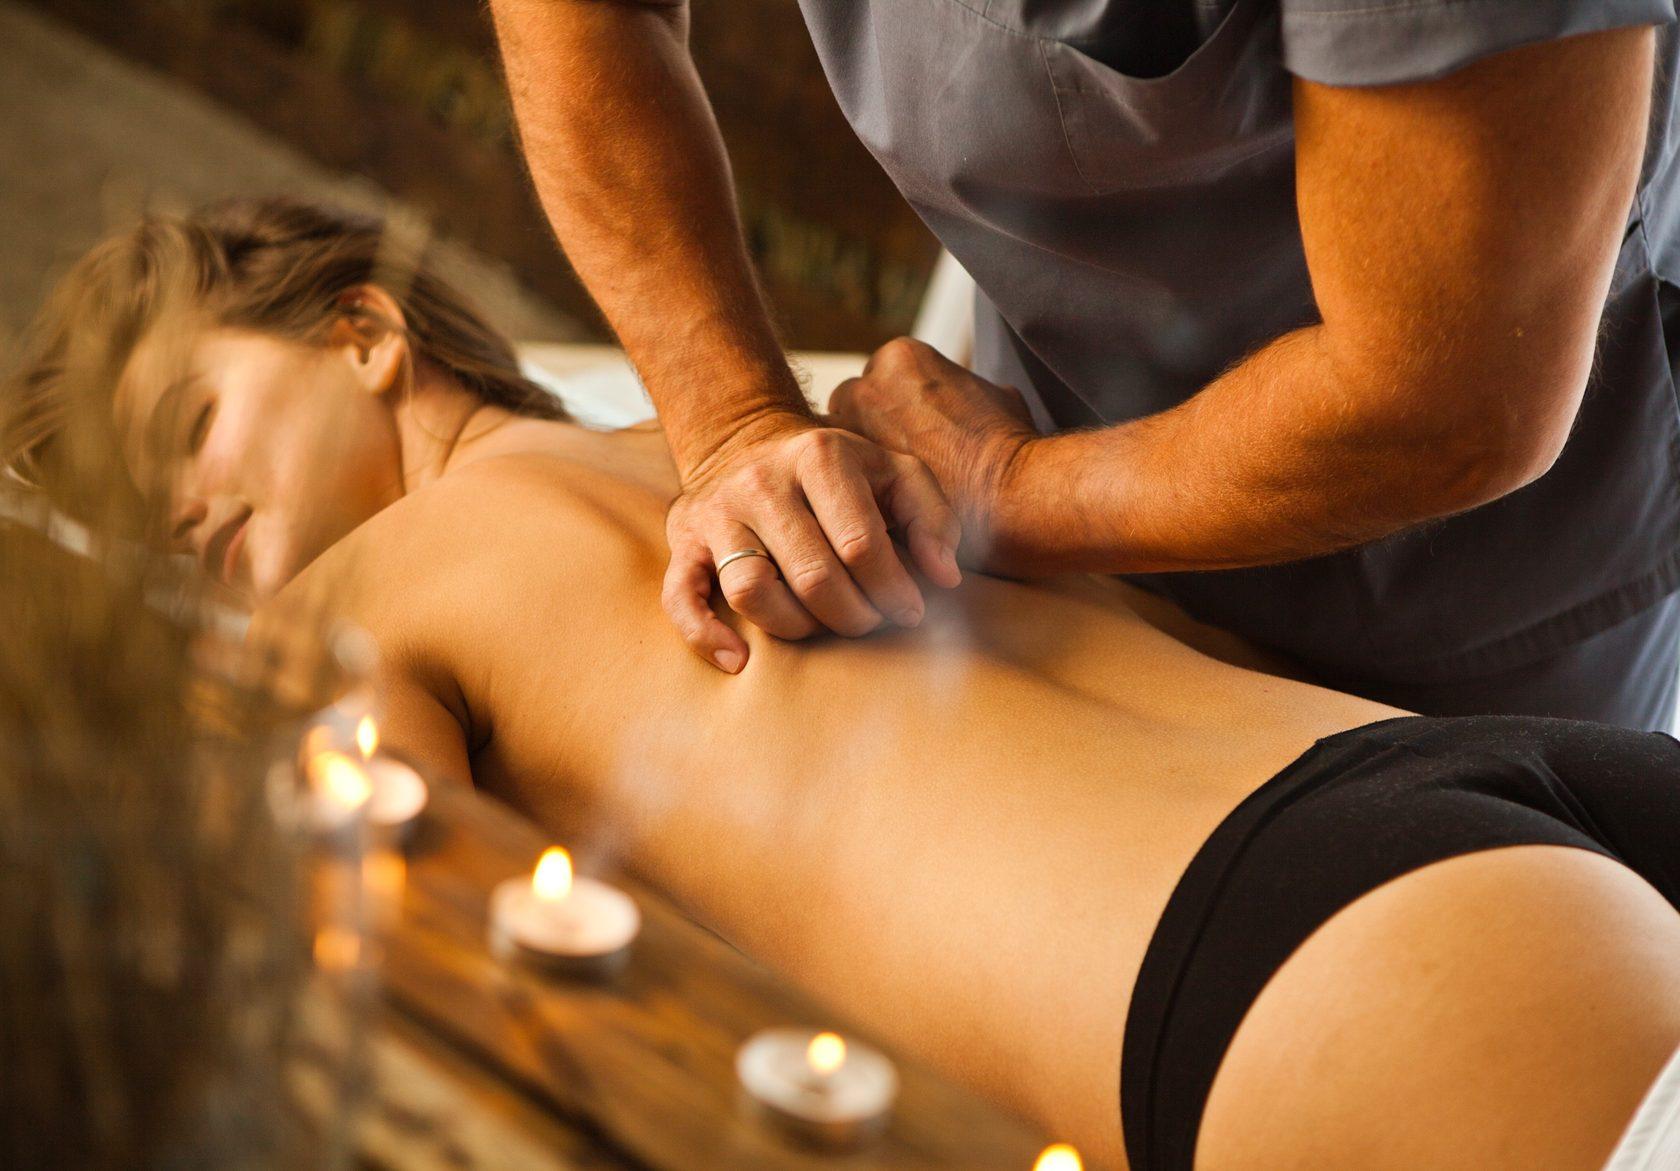 Минет жены женщины делают массаж женщинам смотреть онлайн полных